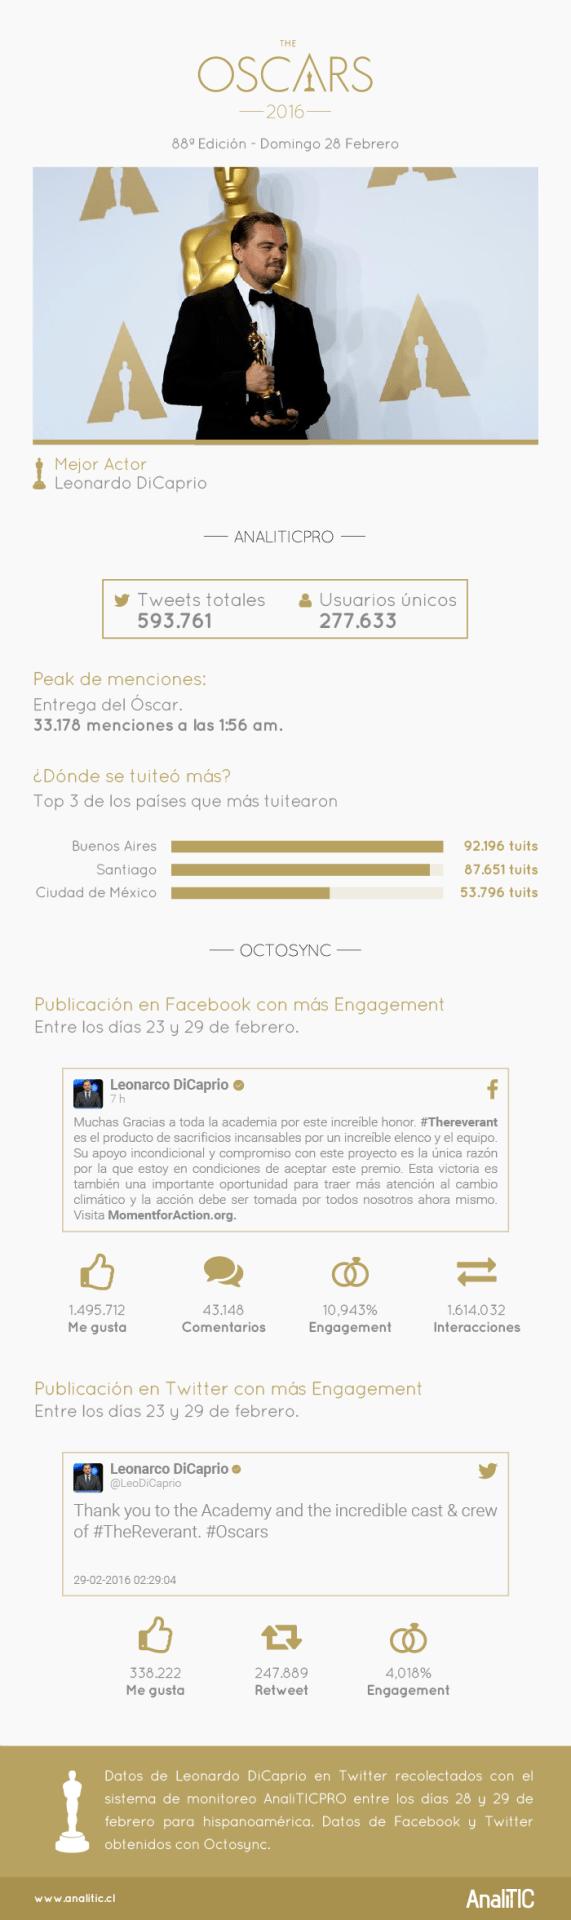 El Oscar a Leonardo di Caprio en Redes Sociales